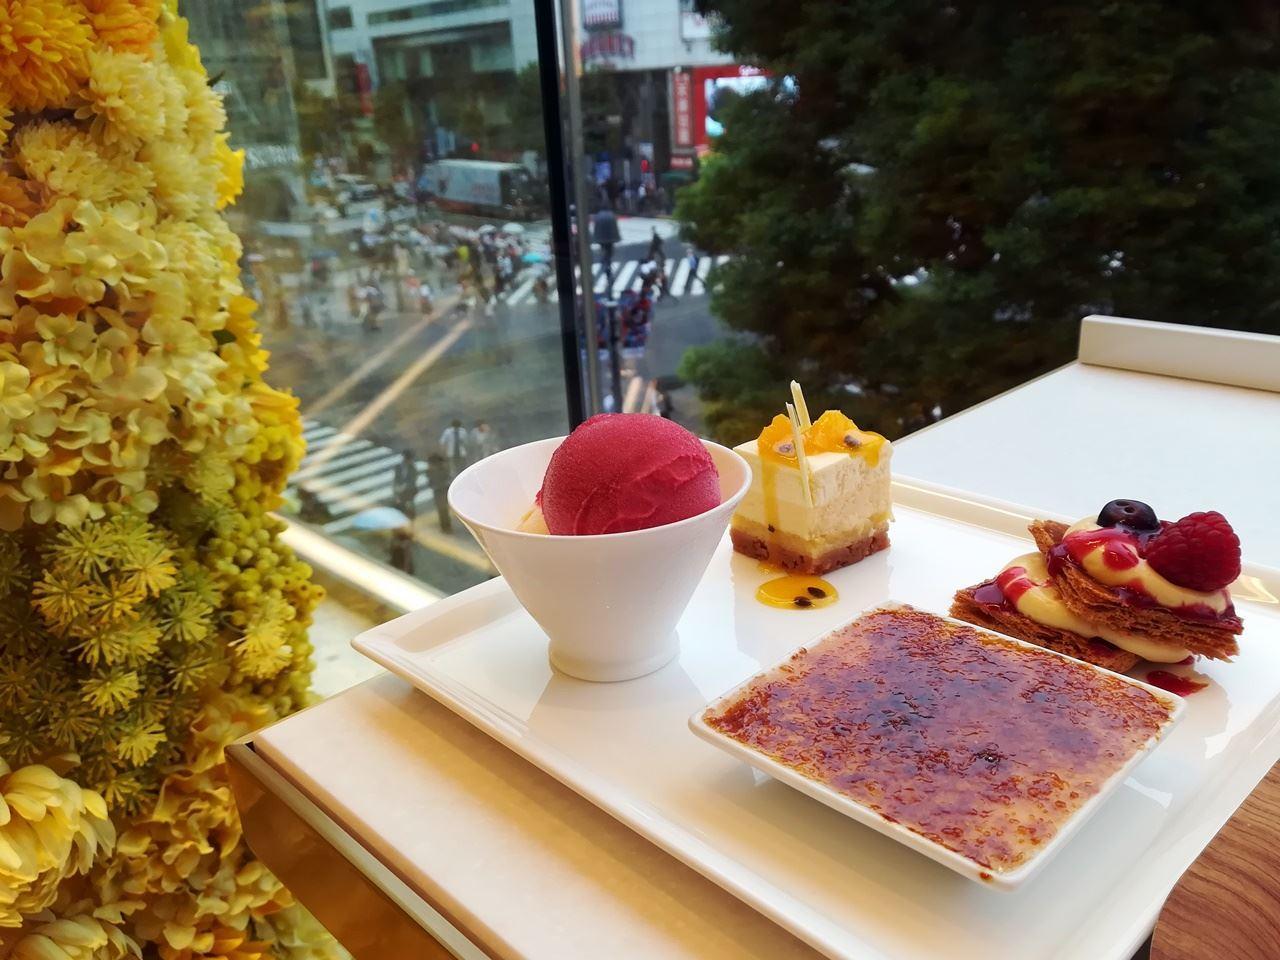 「ロクシタンカフェ by ピエール・エルメ」でプレオープン限定メニューのデザート